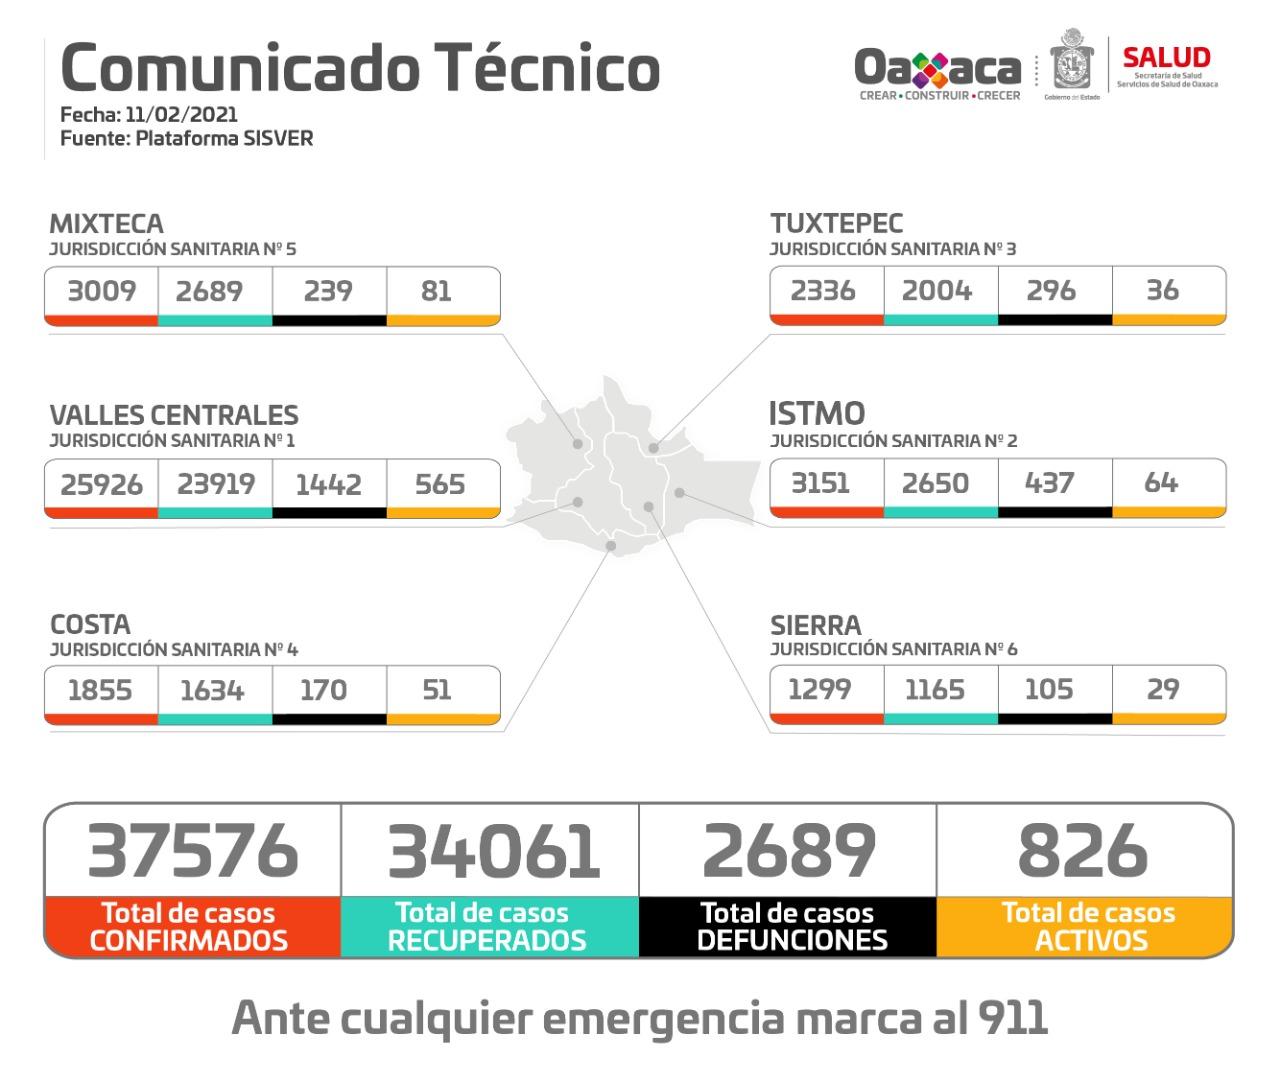 Registran 295 casos nuevos de Covid-19 en Oaxaca, suman 37 mil 576 casos acumulados